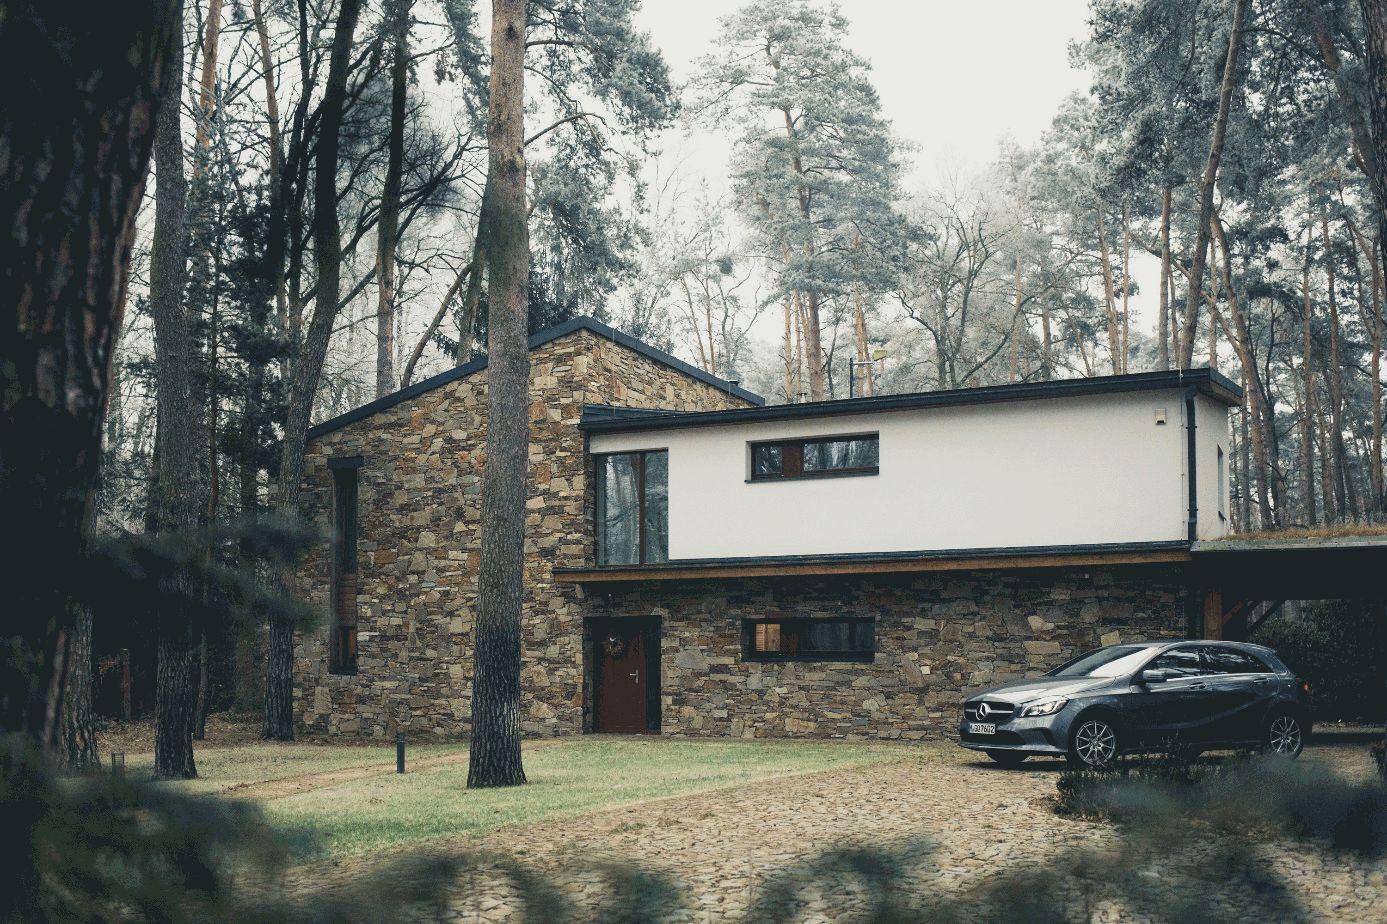 Haus mit Garten und geparktem Auto